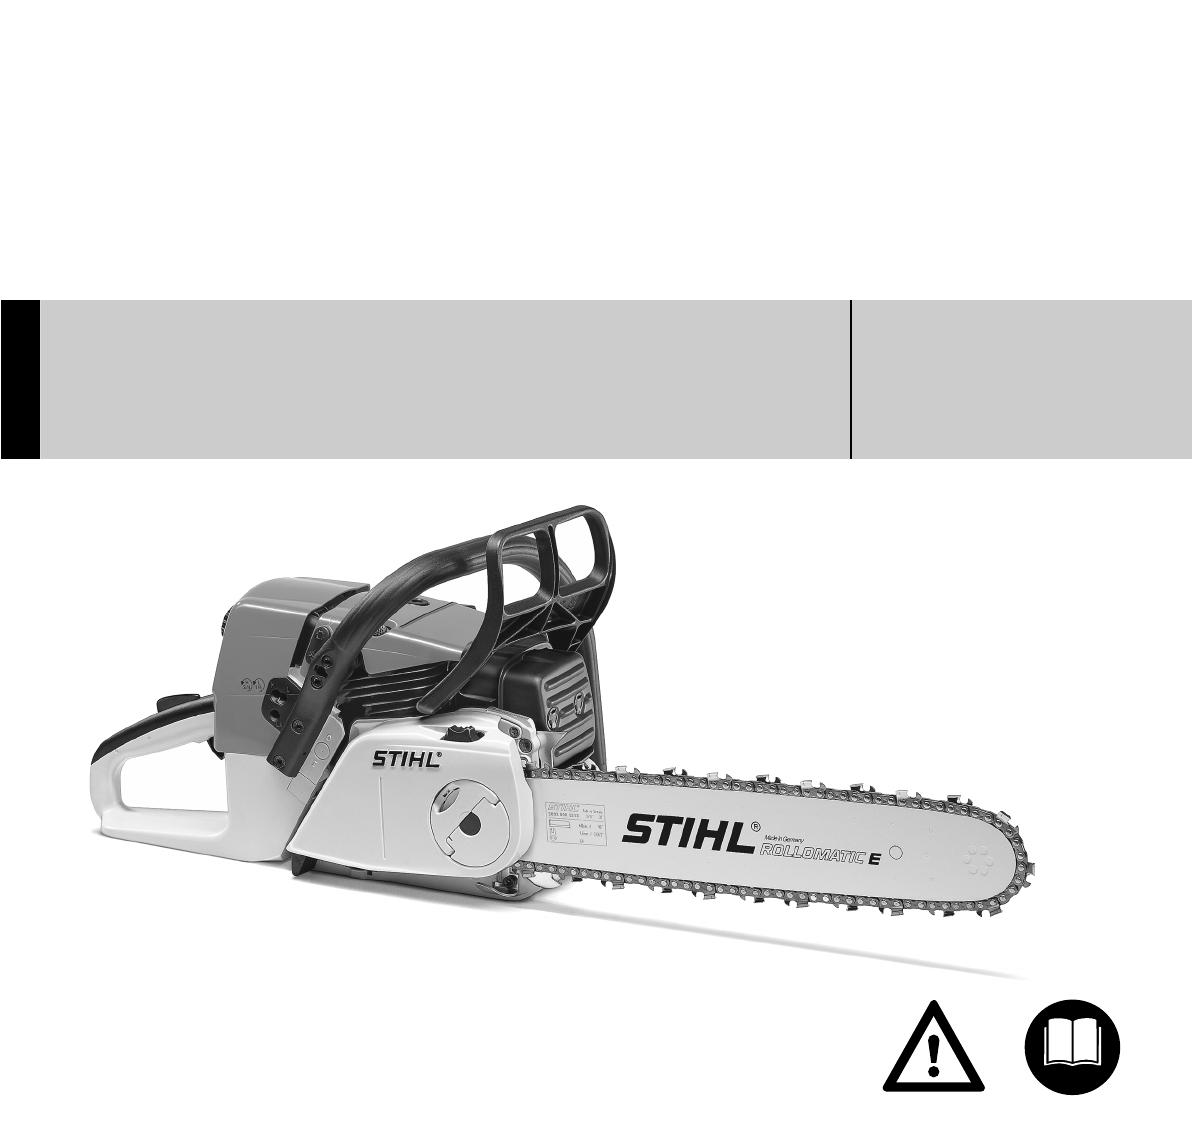 Geliebte Bedienungsanleitung Stihl MS361 (Seite 1 von 200) (Deutsch &FI_62